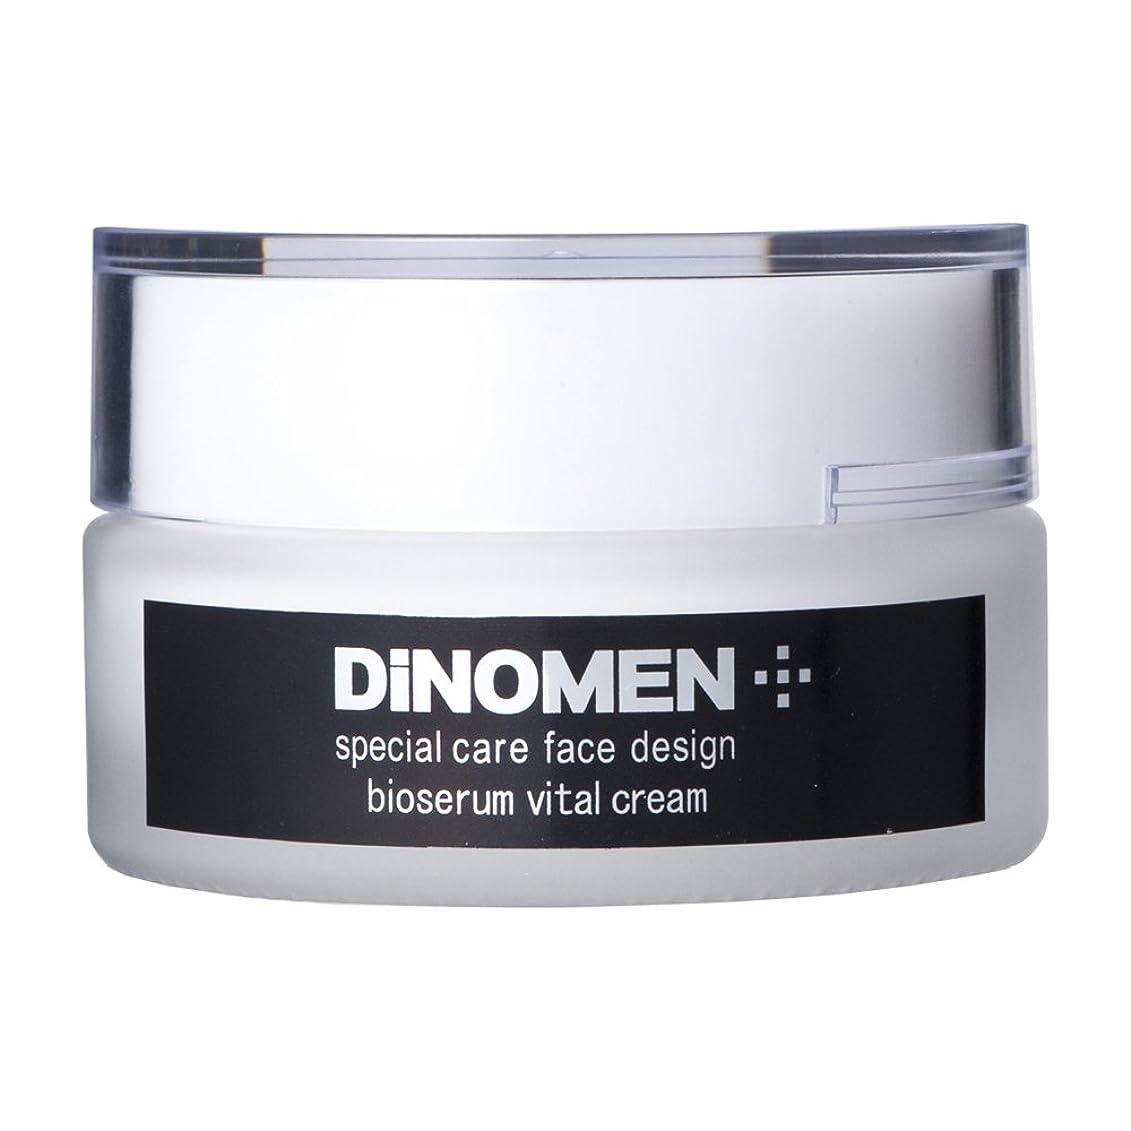 フォーカス習熟度早めるDiNOMEN ビオセラムバイタルクリーム 30g エイジングケア美容クリーム 男性化粧品